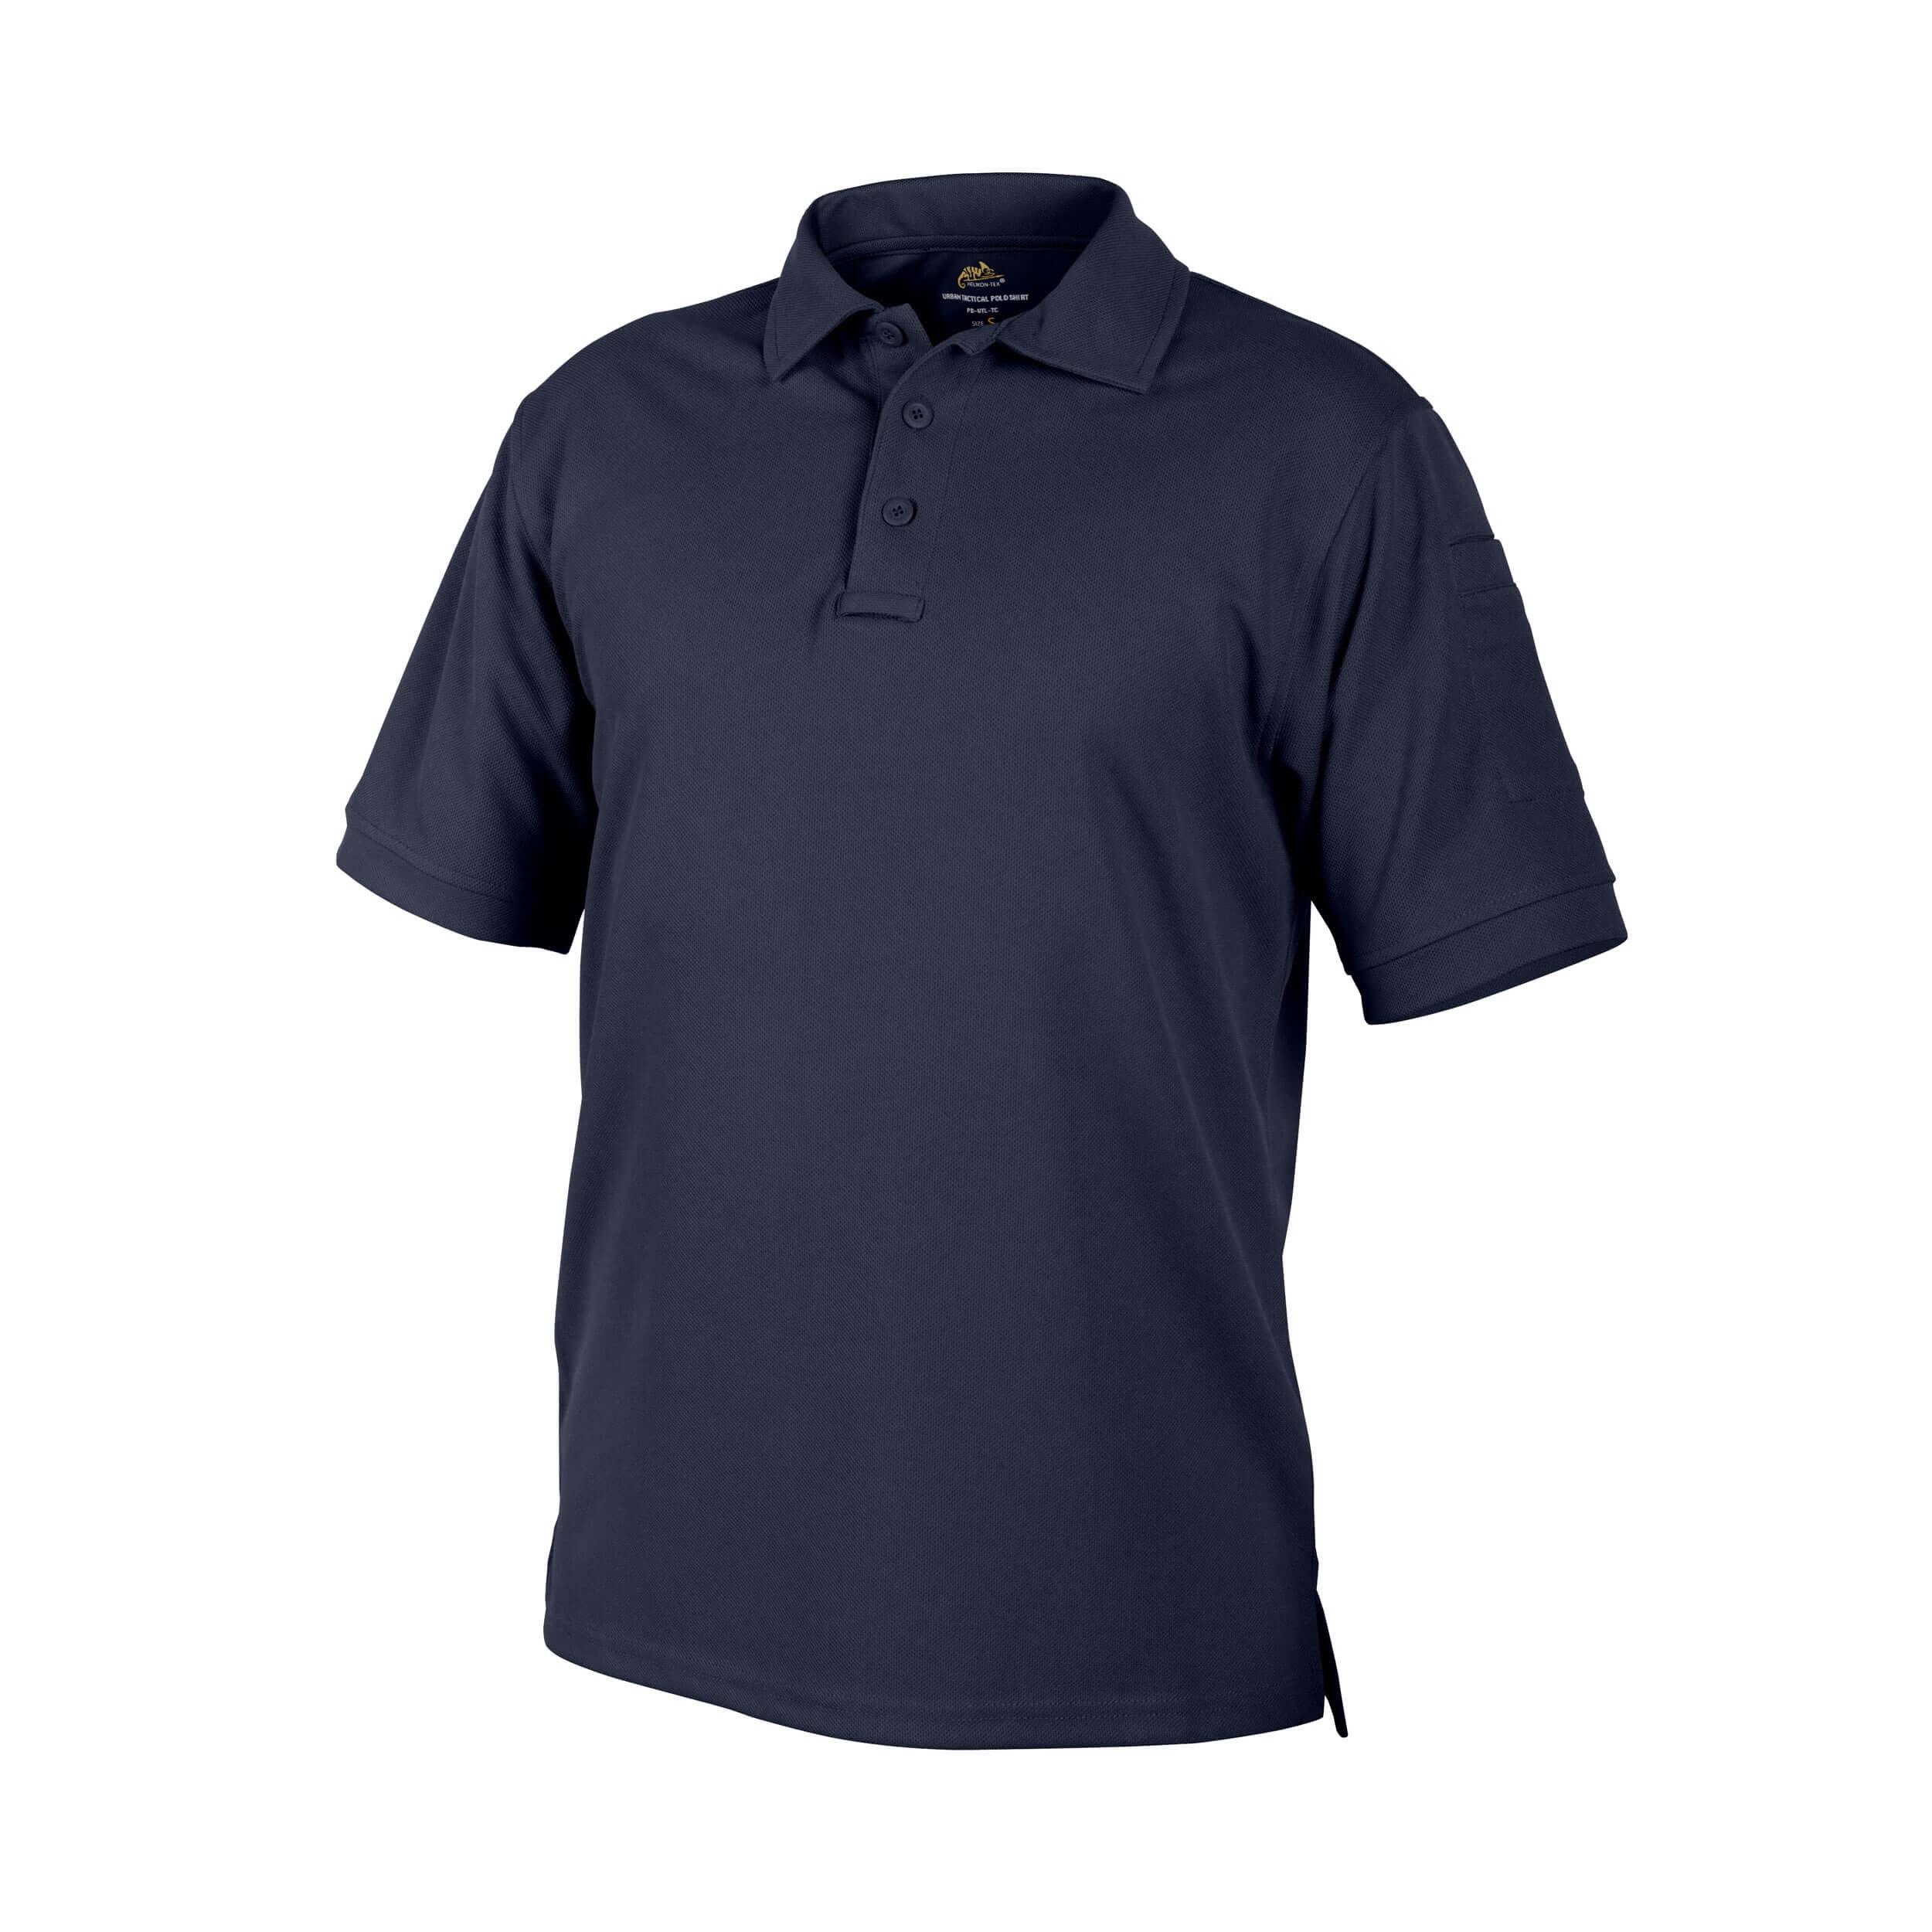 Helikon-Tex UTL Polo Shirt - TopCool - Navy Blue